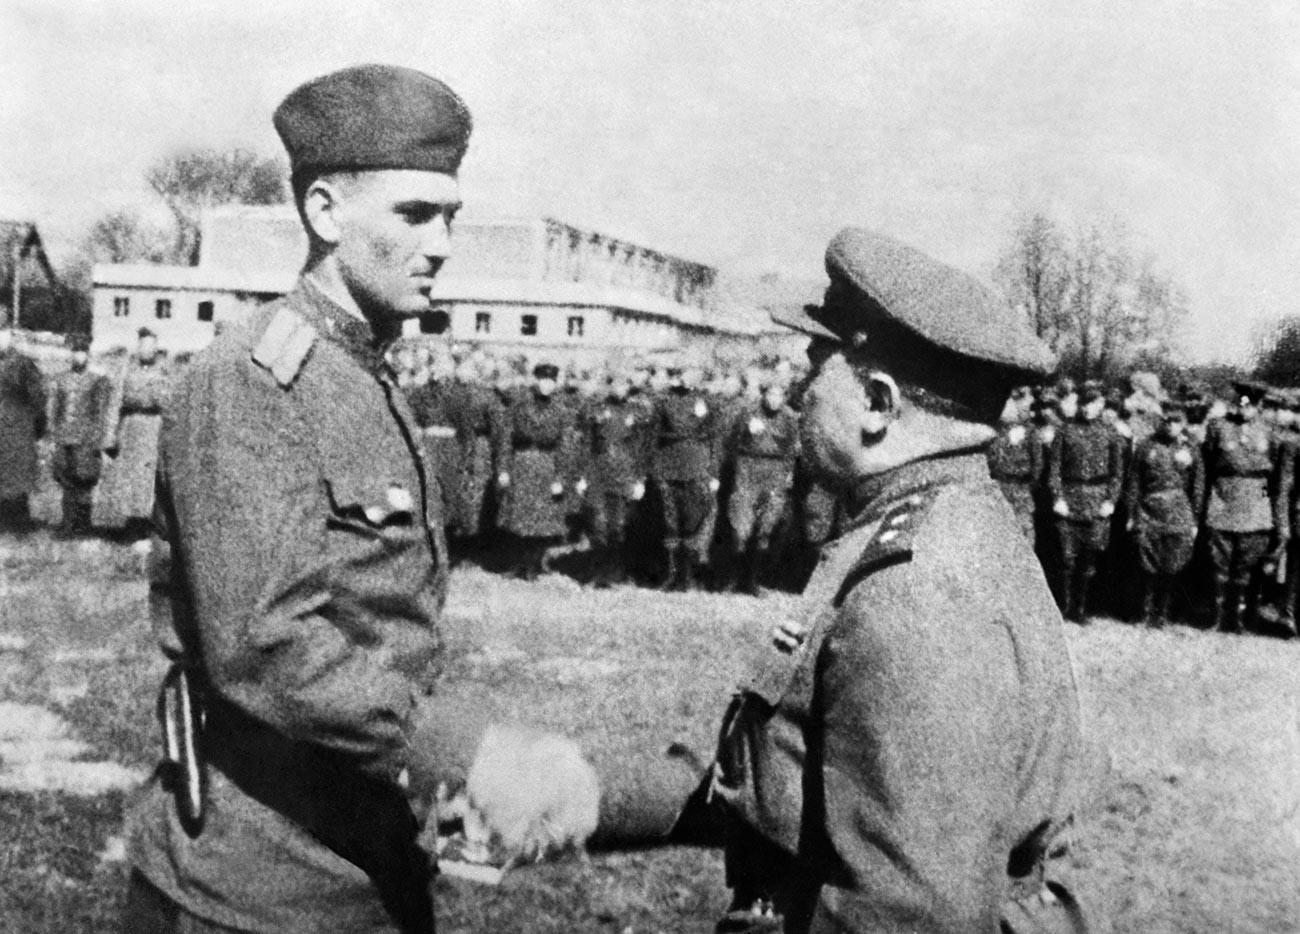 Командующий 5-й ударной армией Николай Берзарин (справа) вручает Золотую звезду Героя Советского Союза командиру 123-й штрафной роты Зие Буниятову.